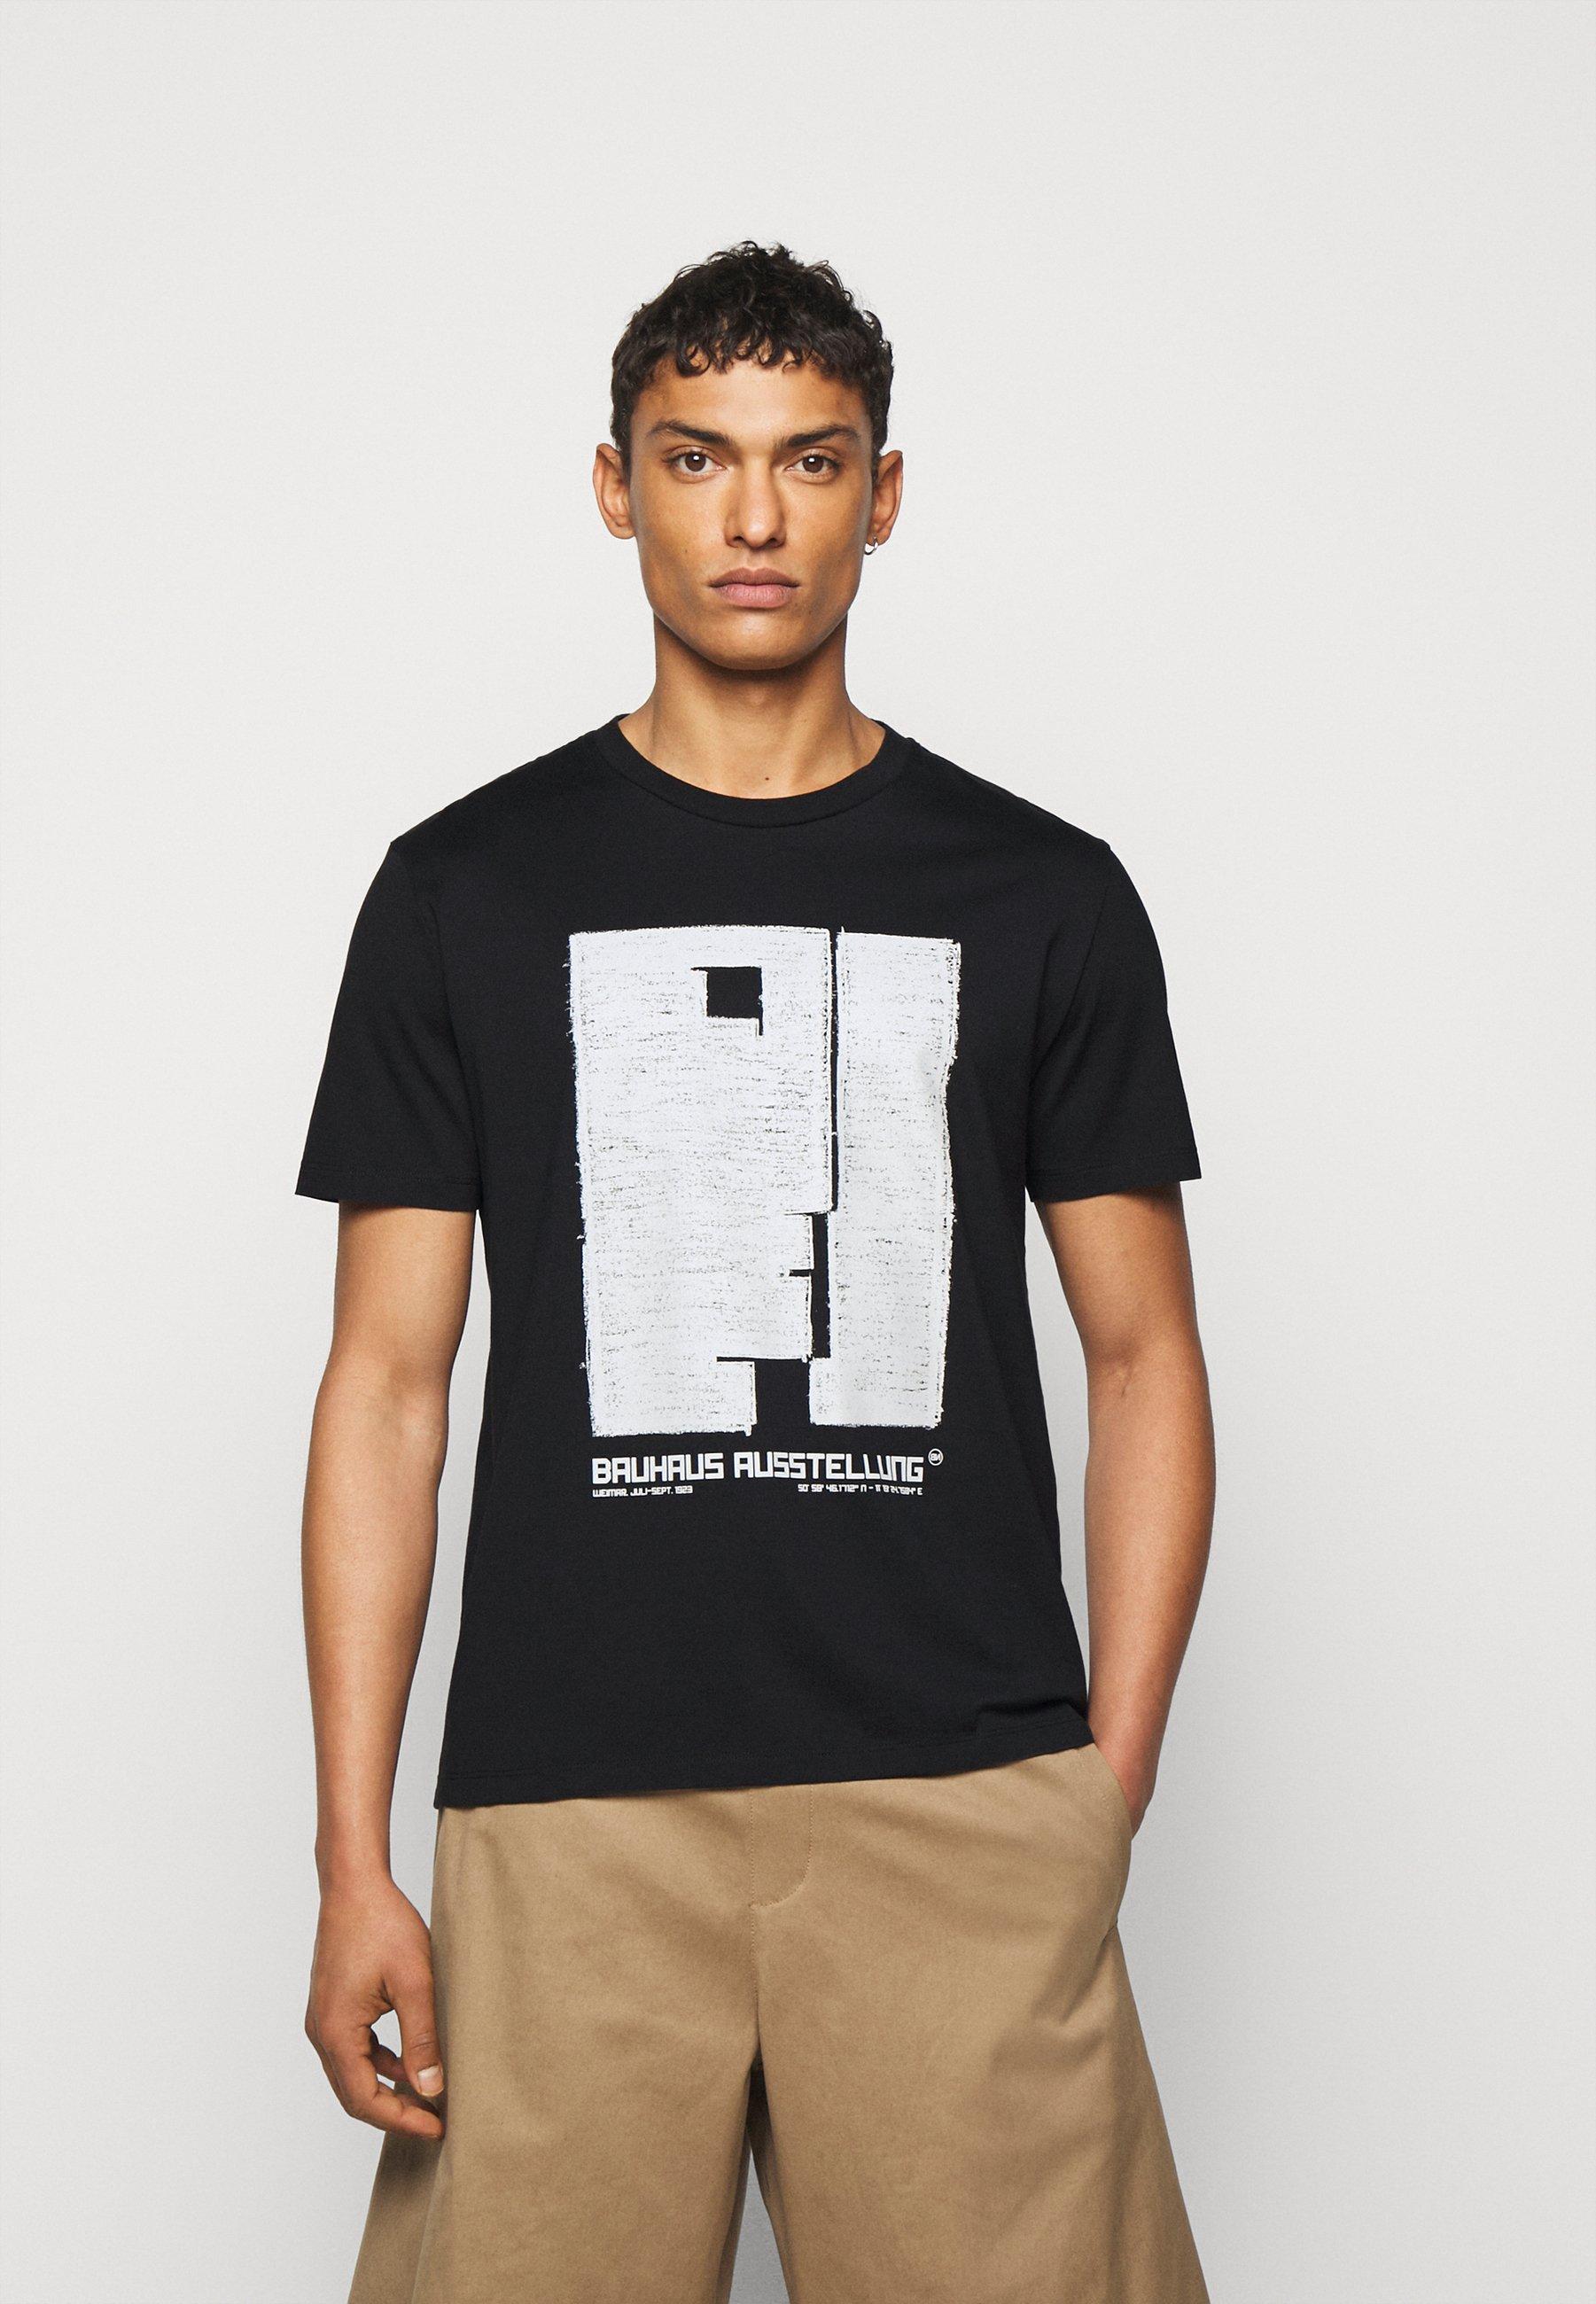 Homme BAUHAUS AUSSTELLUNG - T-shirt imprimé